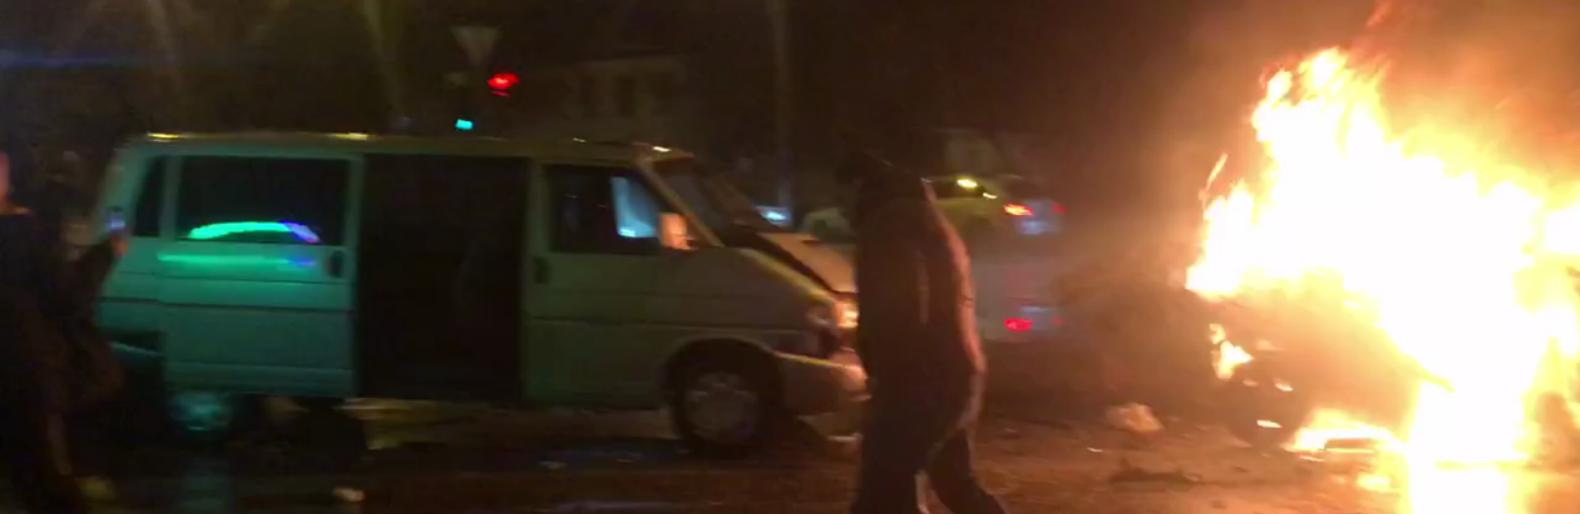 Смертельное ДТП в Одессе: стали известны подробности о погибших и п...0